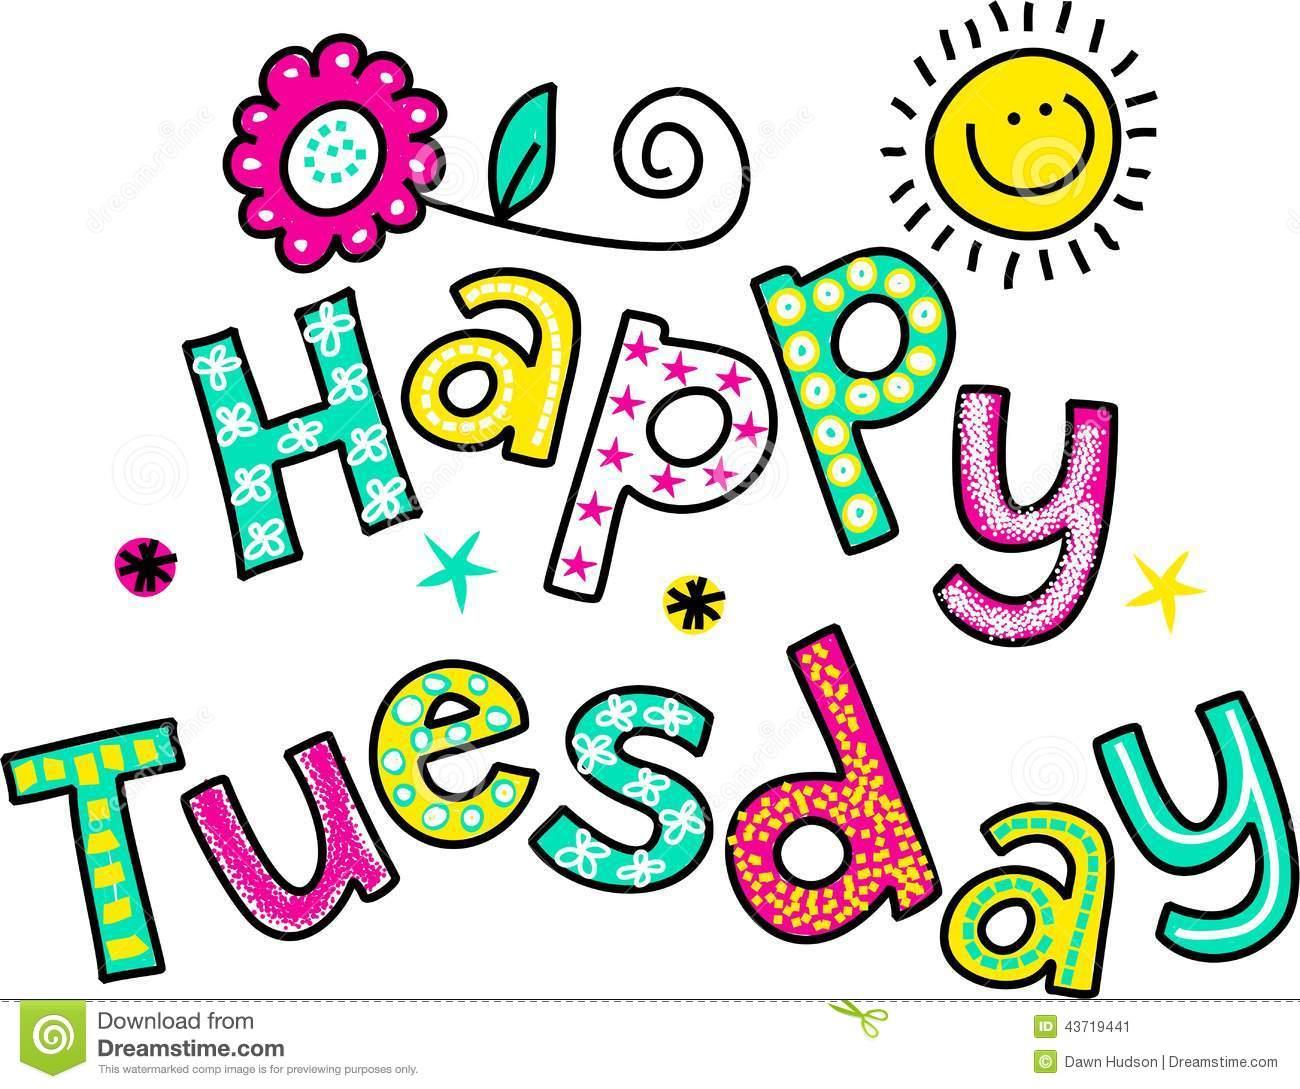 Amonday clipart oh happy Clipart Happy clipart Monday art